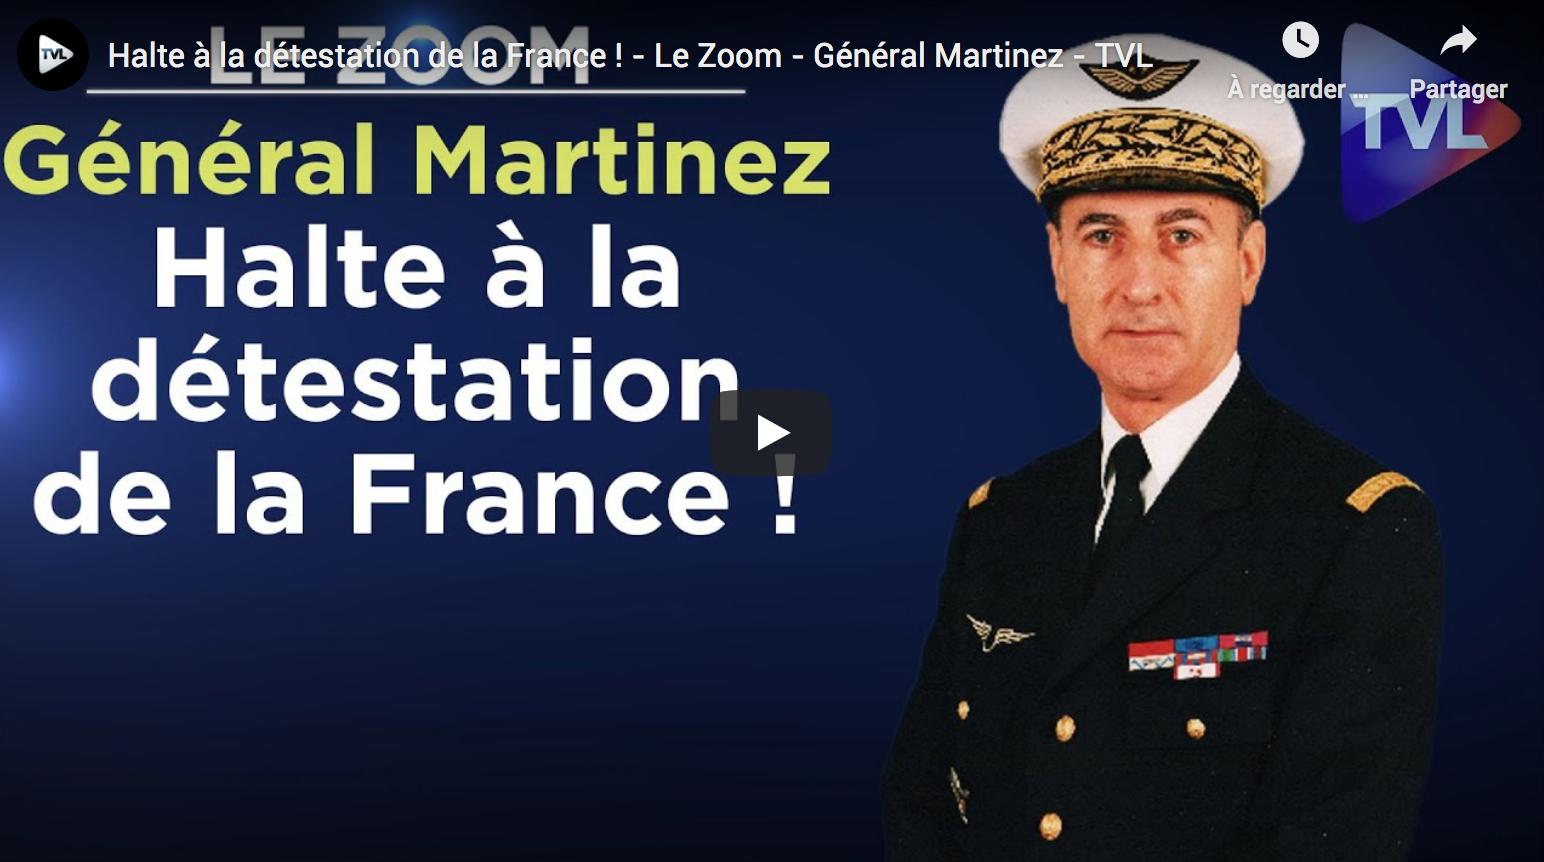 Halte à la détestation de la France ! Rencontre avec le Général Martinez, candidat à l'élection présidentielle de 2022 (ENTRETIEN)